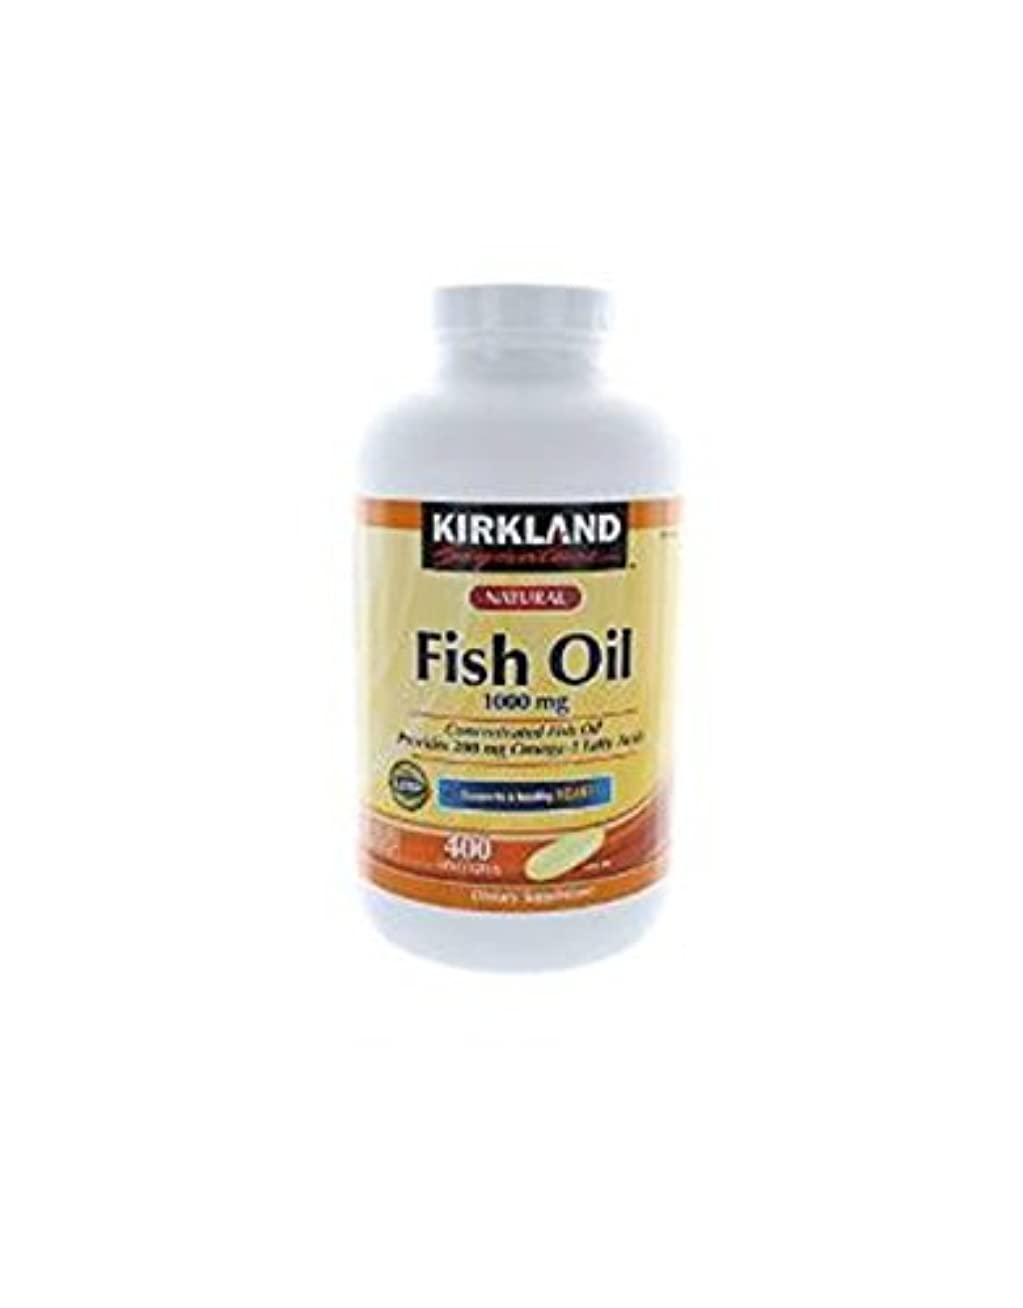 典型的な可塑性月曜日Kirkland Signature Omega-3 Fish Oil Concentrate, 400 Softgels, 1000 mg Fish Oil with 30% Omega-3s (300 mg) 1200...